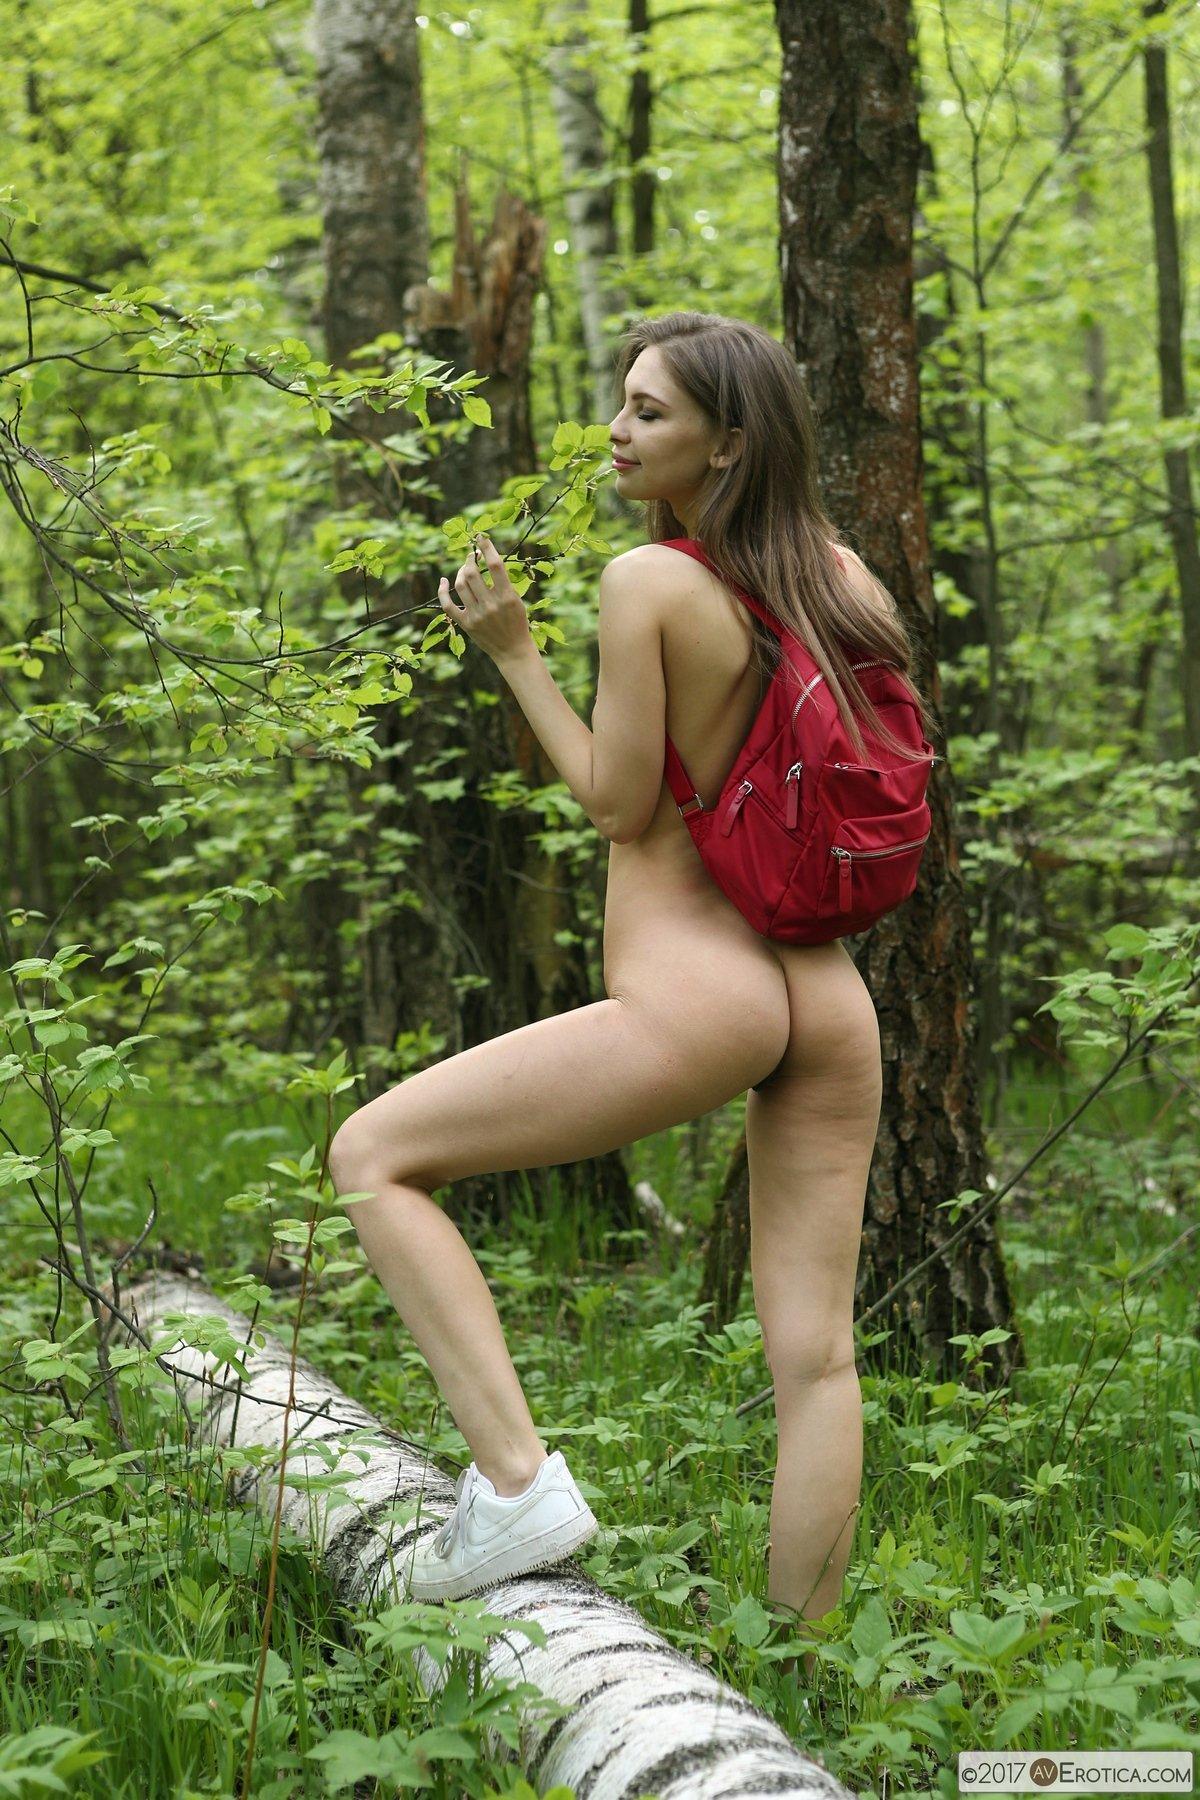 Красивая Девушка Раздевается На Камеру  смотреть порно онлайн